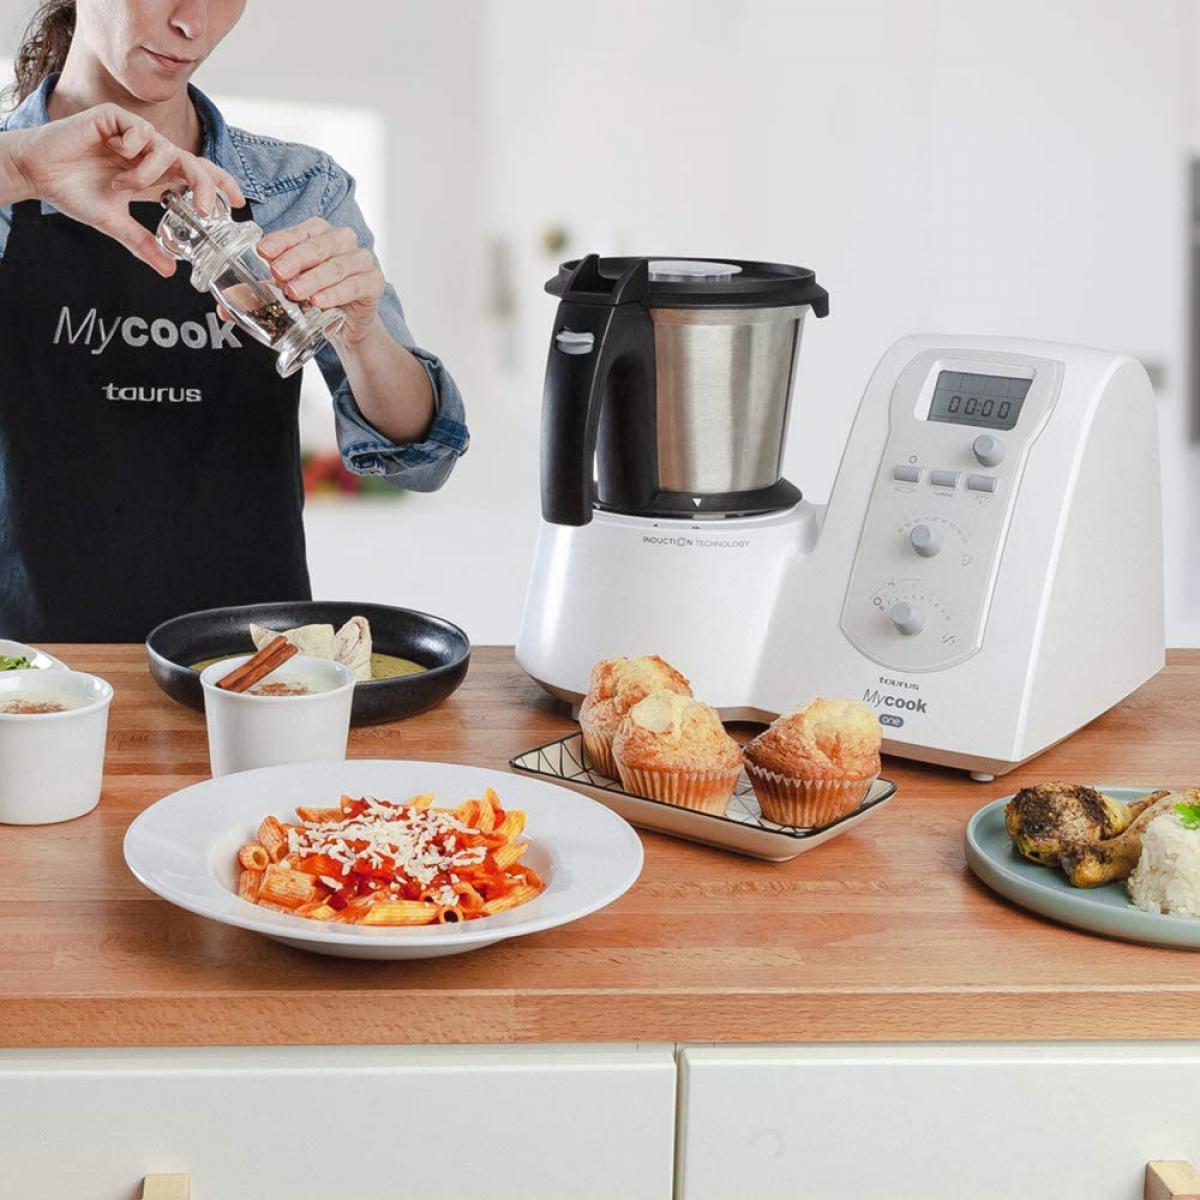 Taurus robot de cuisine multifonction de 2L jusqu'à 120 degrés et plus de 7400 recettes 1600W gris noir blanc